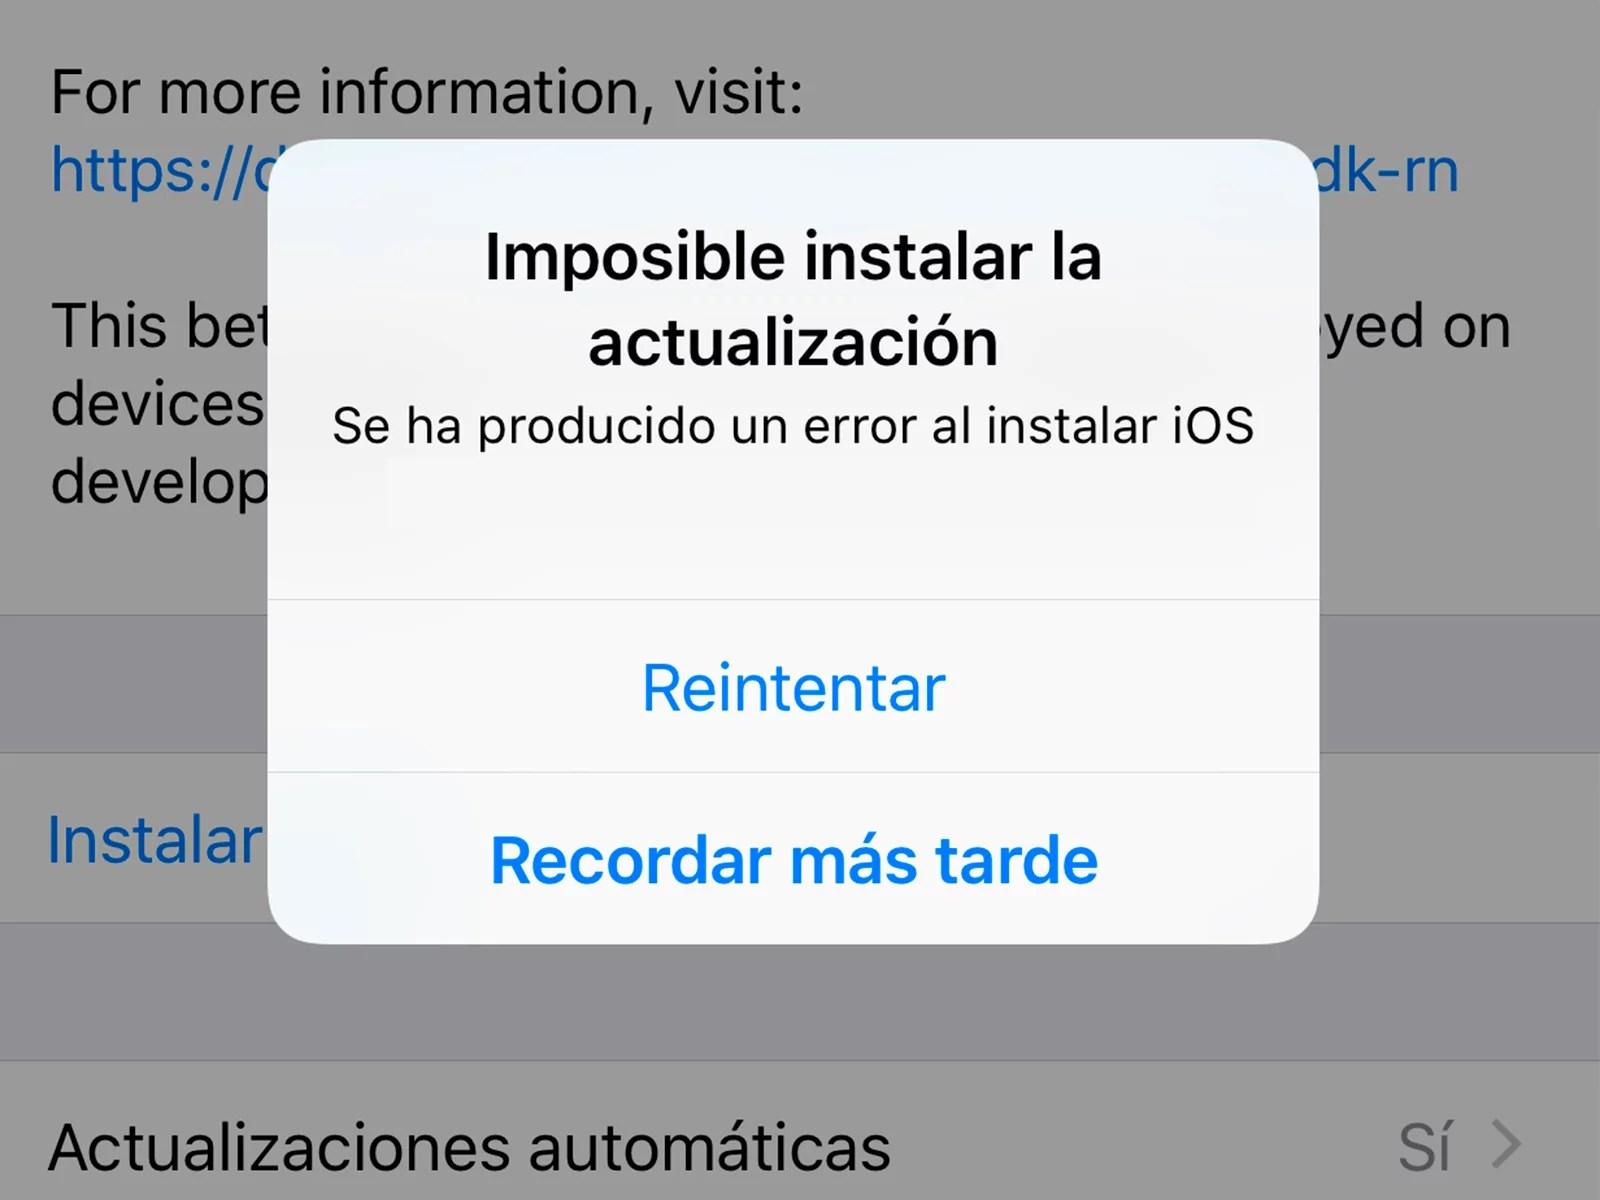 Solución al error 14 por actualizar iPhone